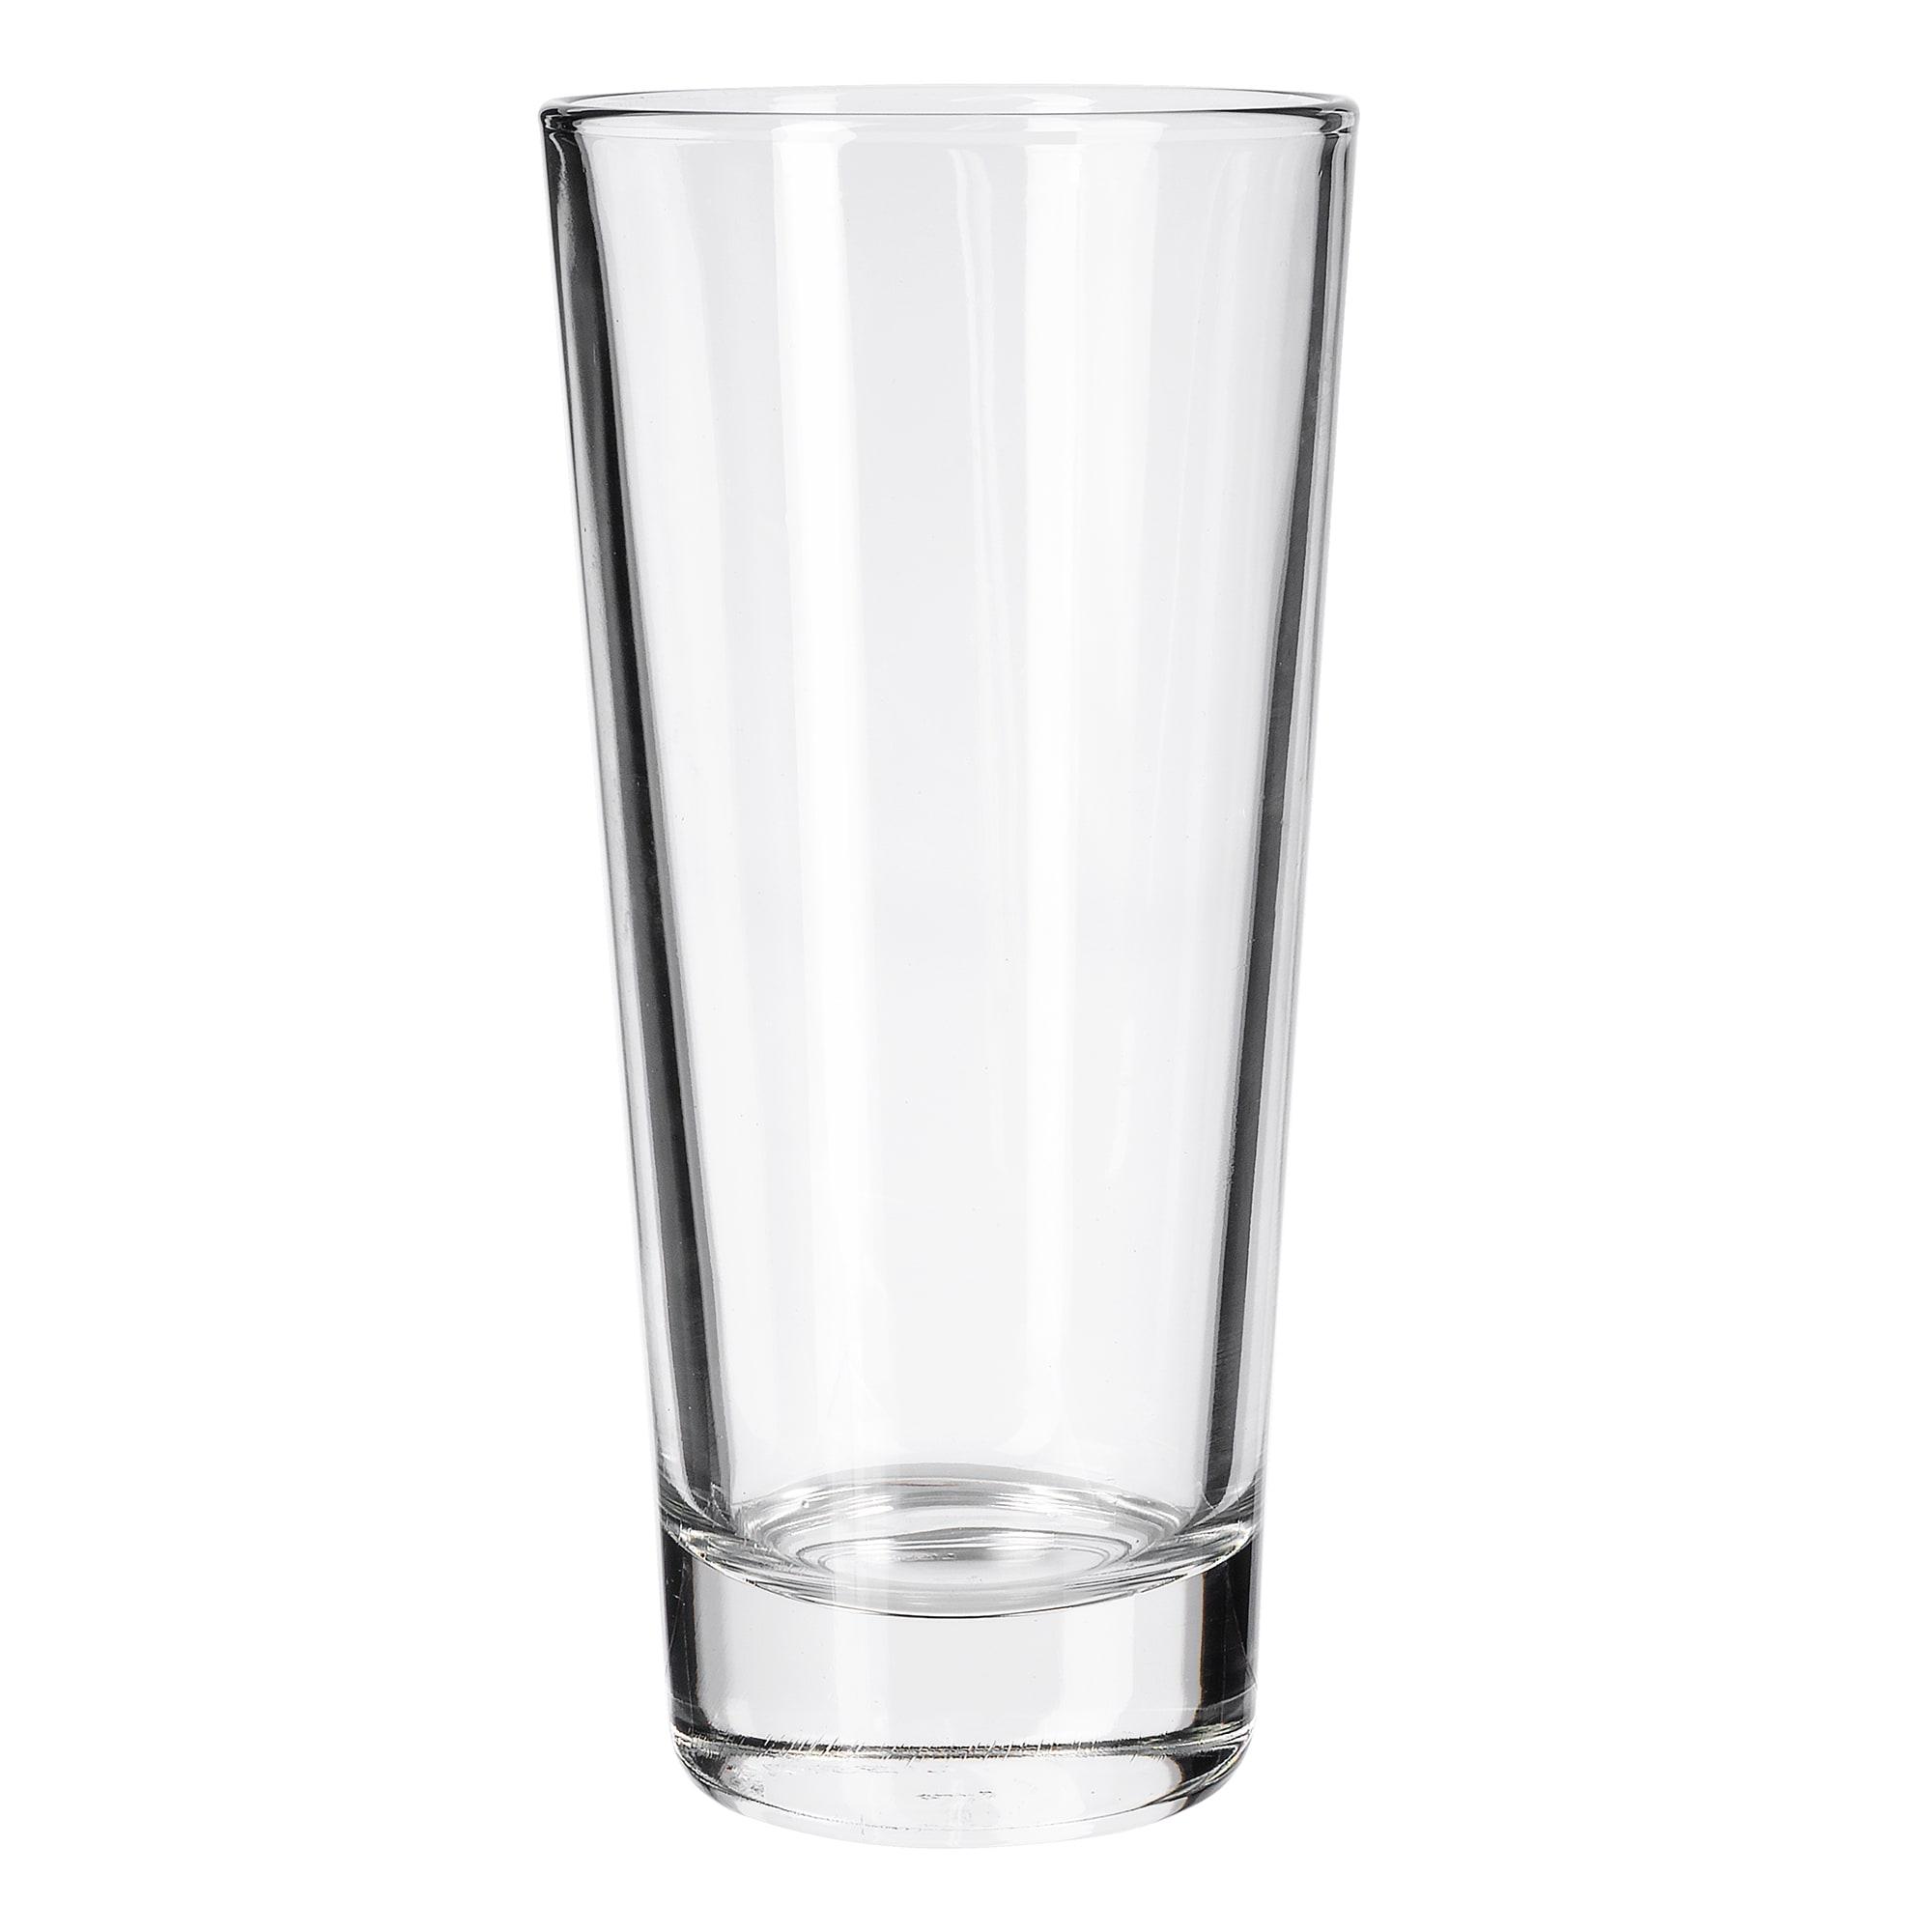 Libbey 15812 12 oz DuraTuff Elan Beverage Glass